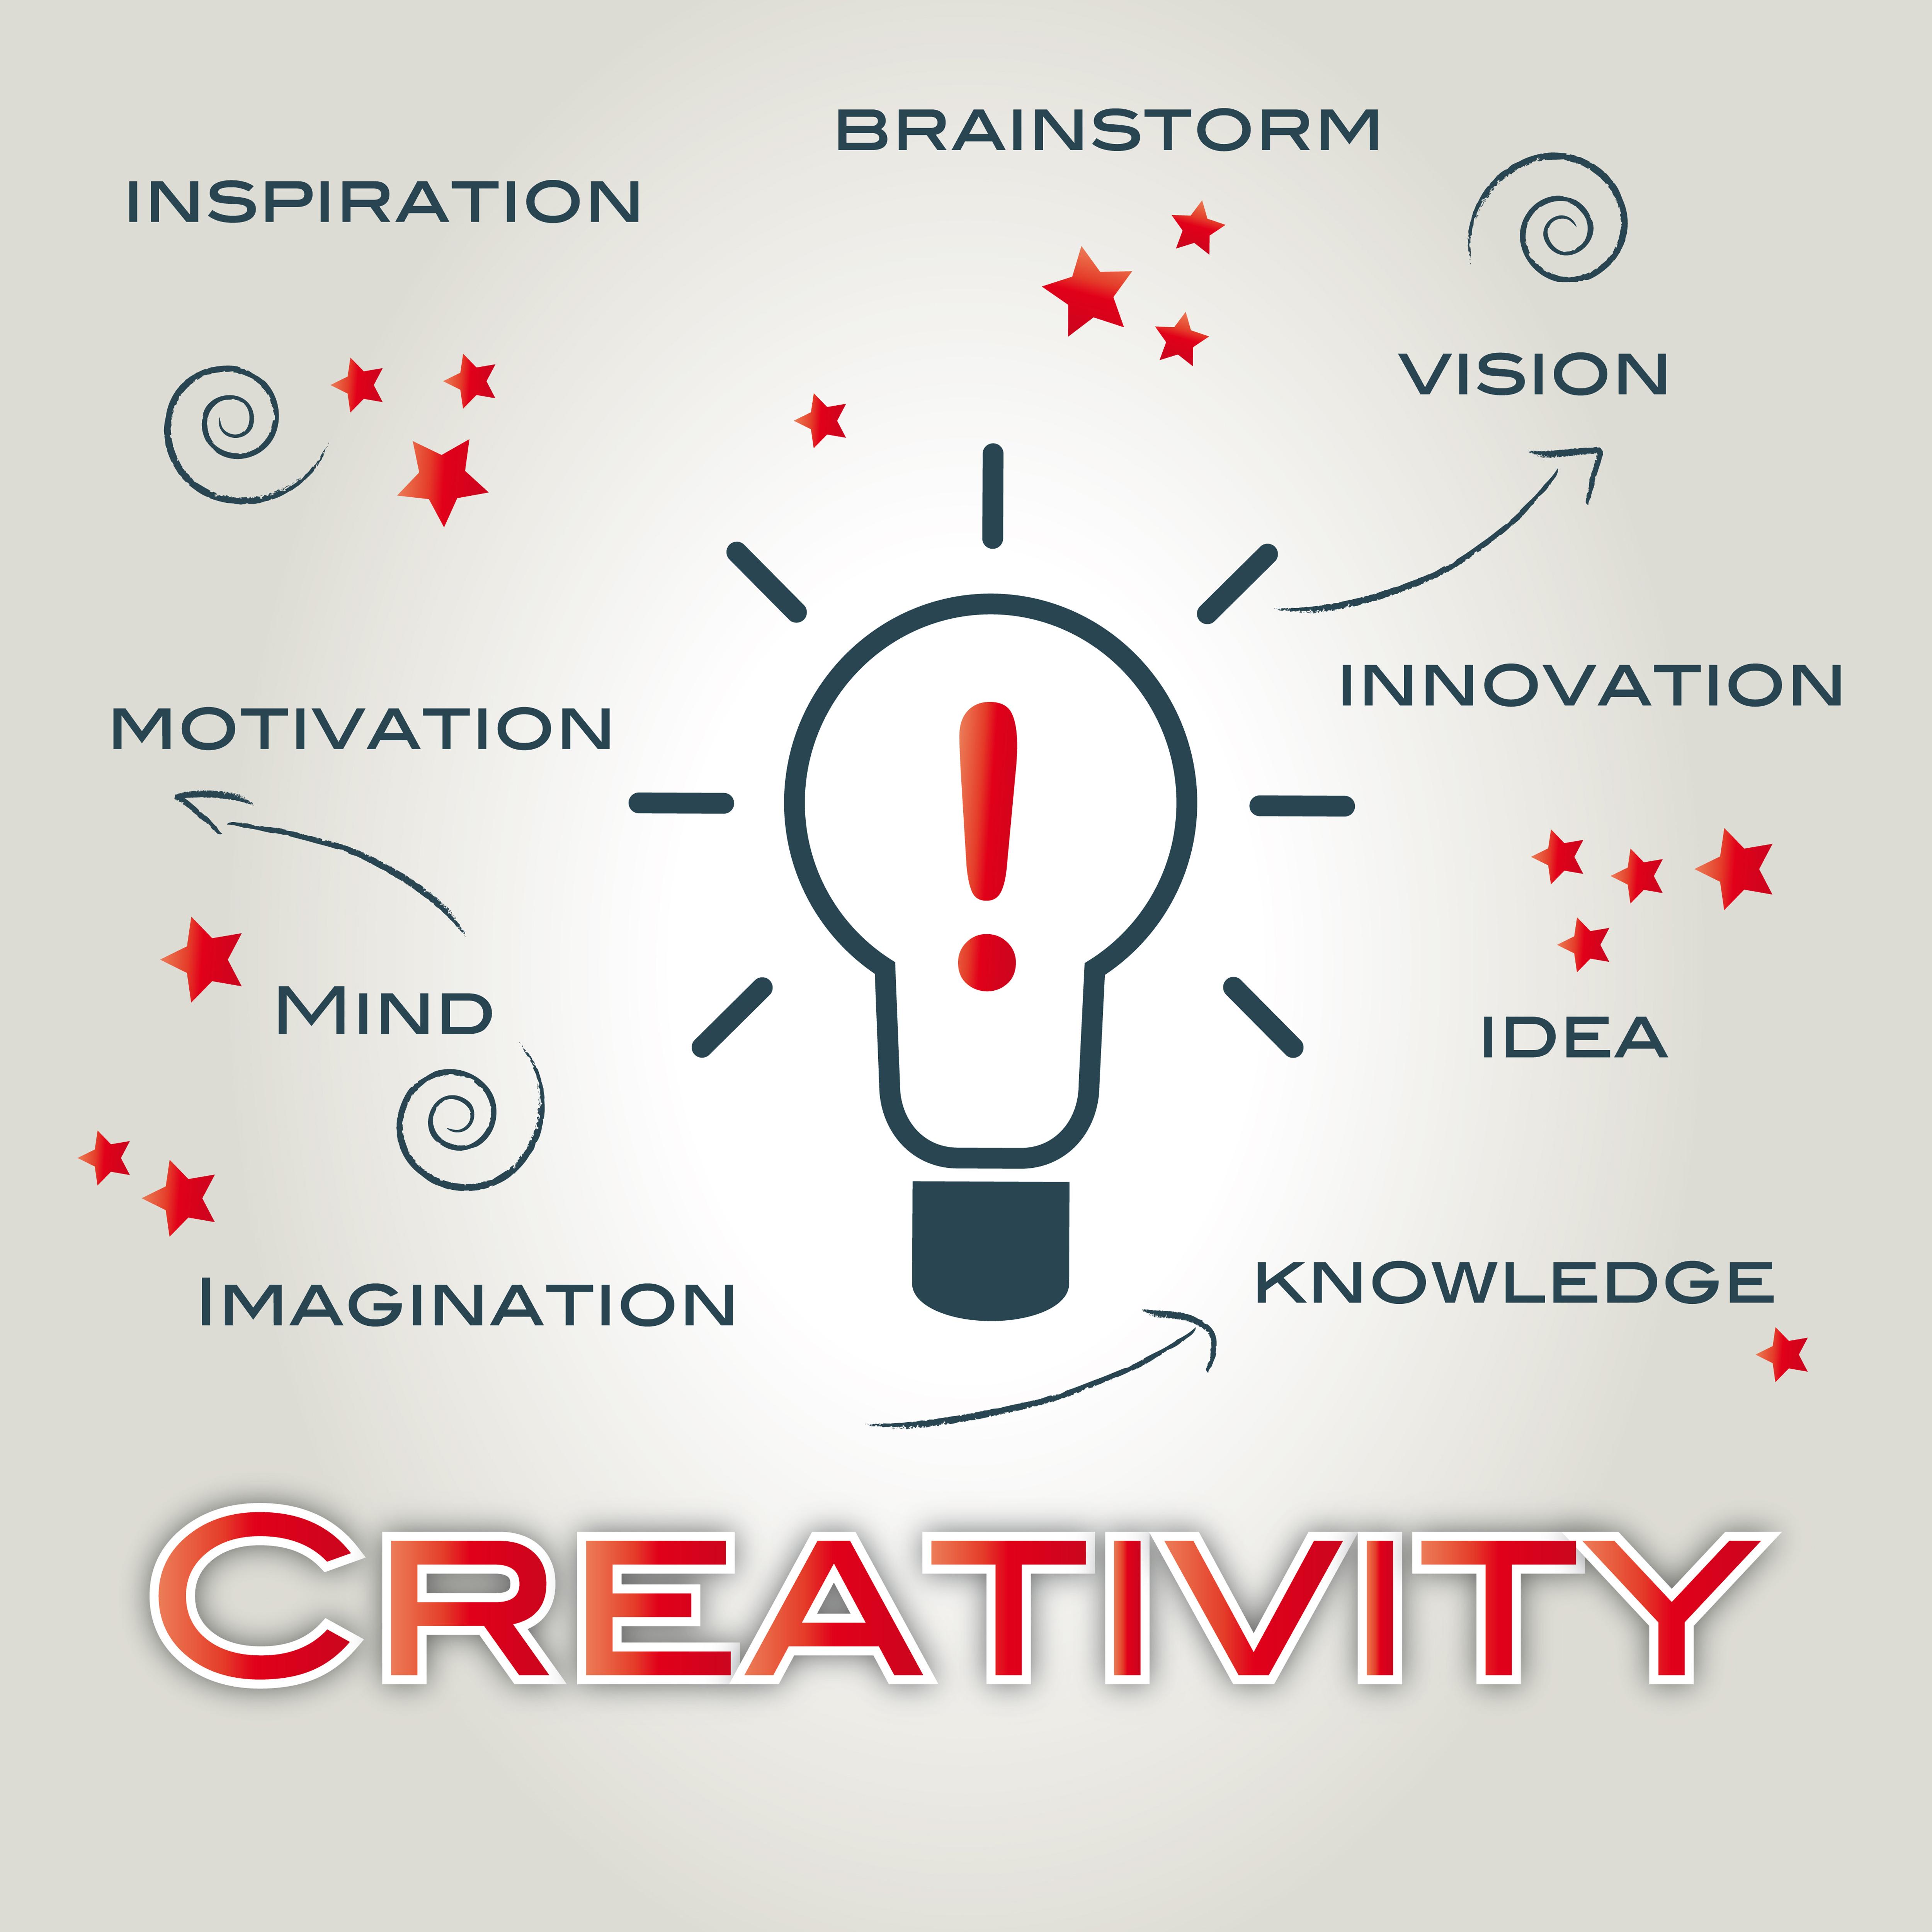 KreativitŠt, creativity, strategie, erfindung, neue wege